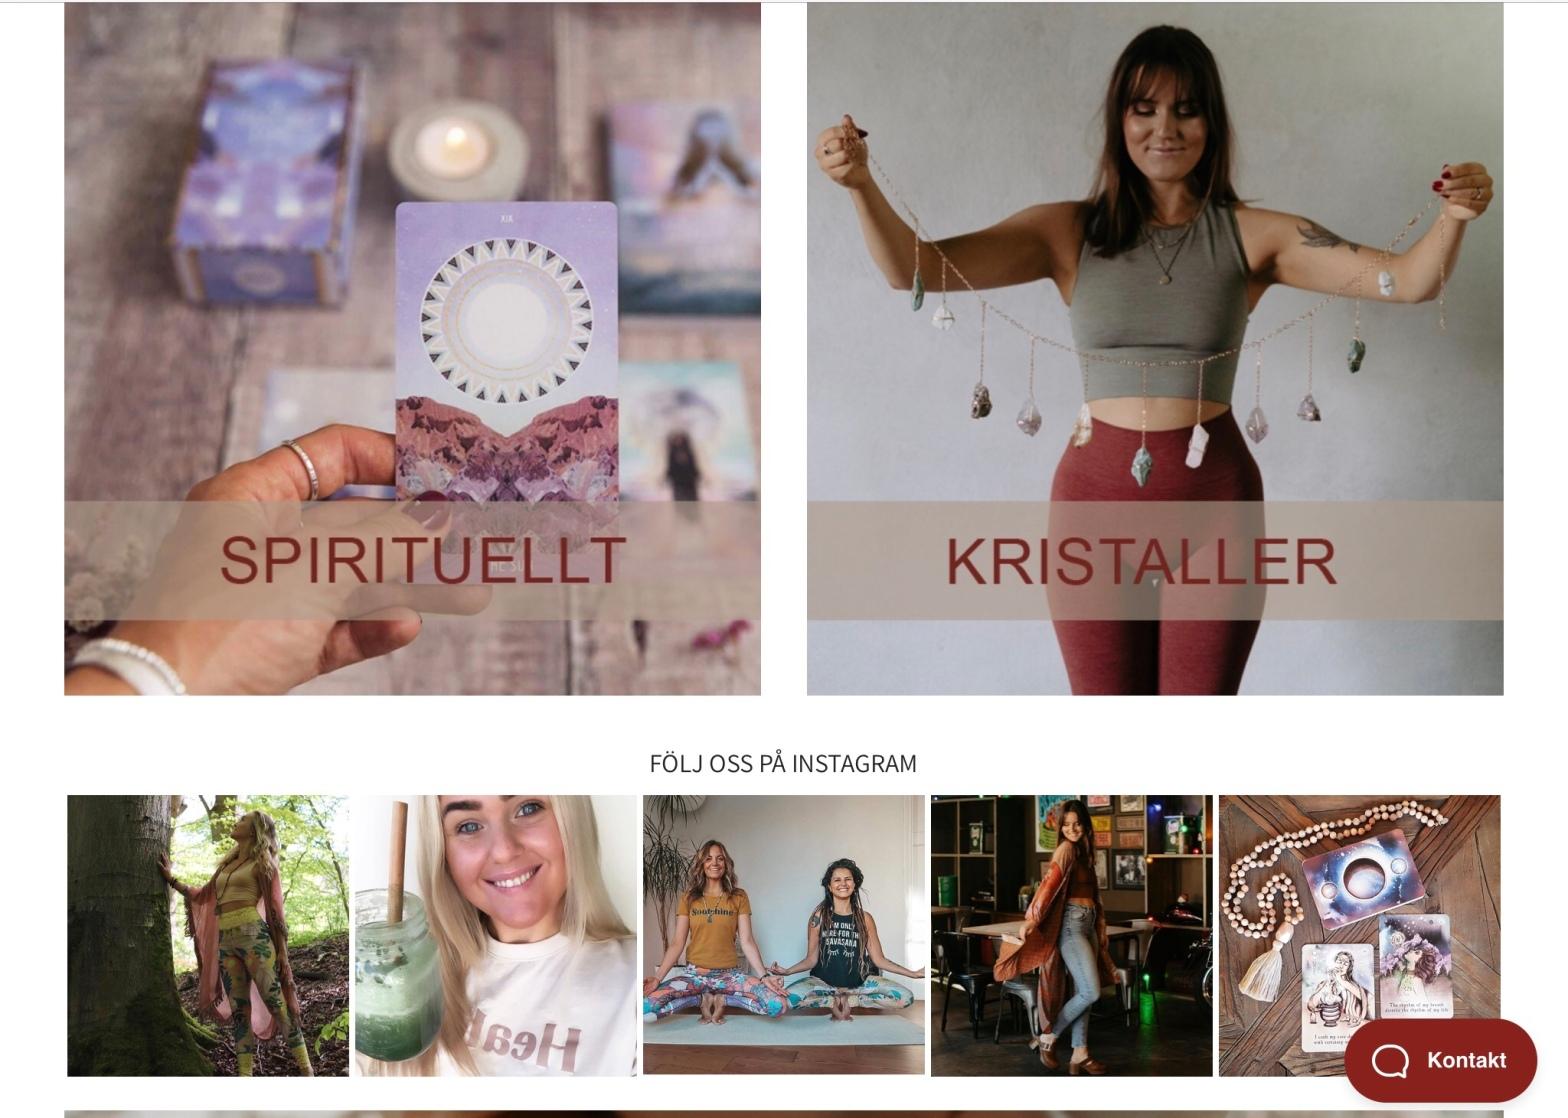 Medial_läkning_kristaller_spiritualitet_andlighet